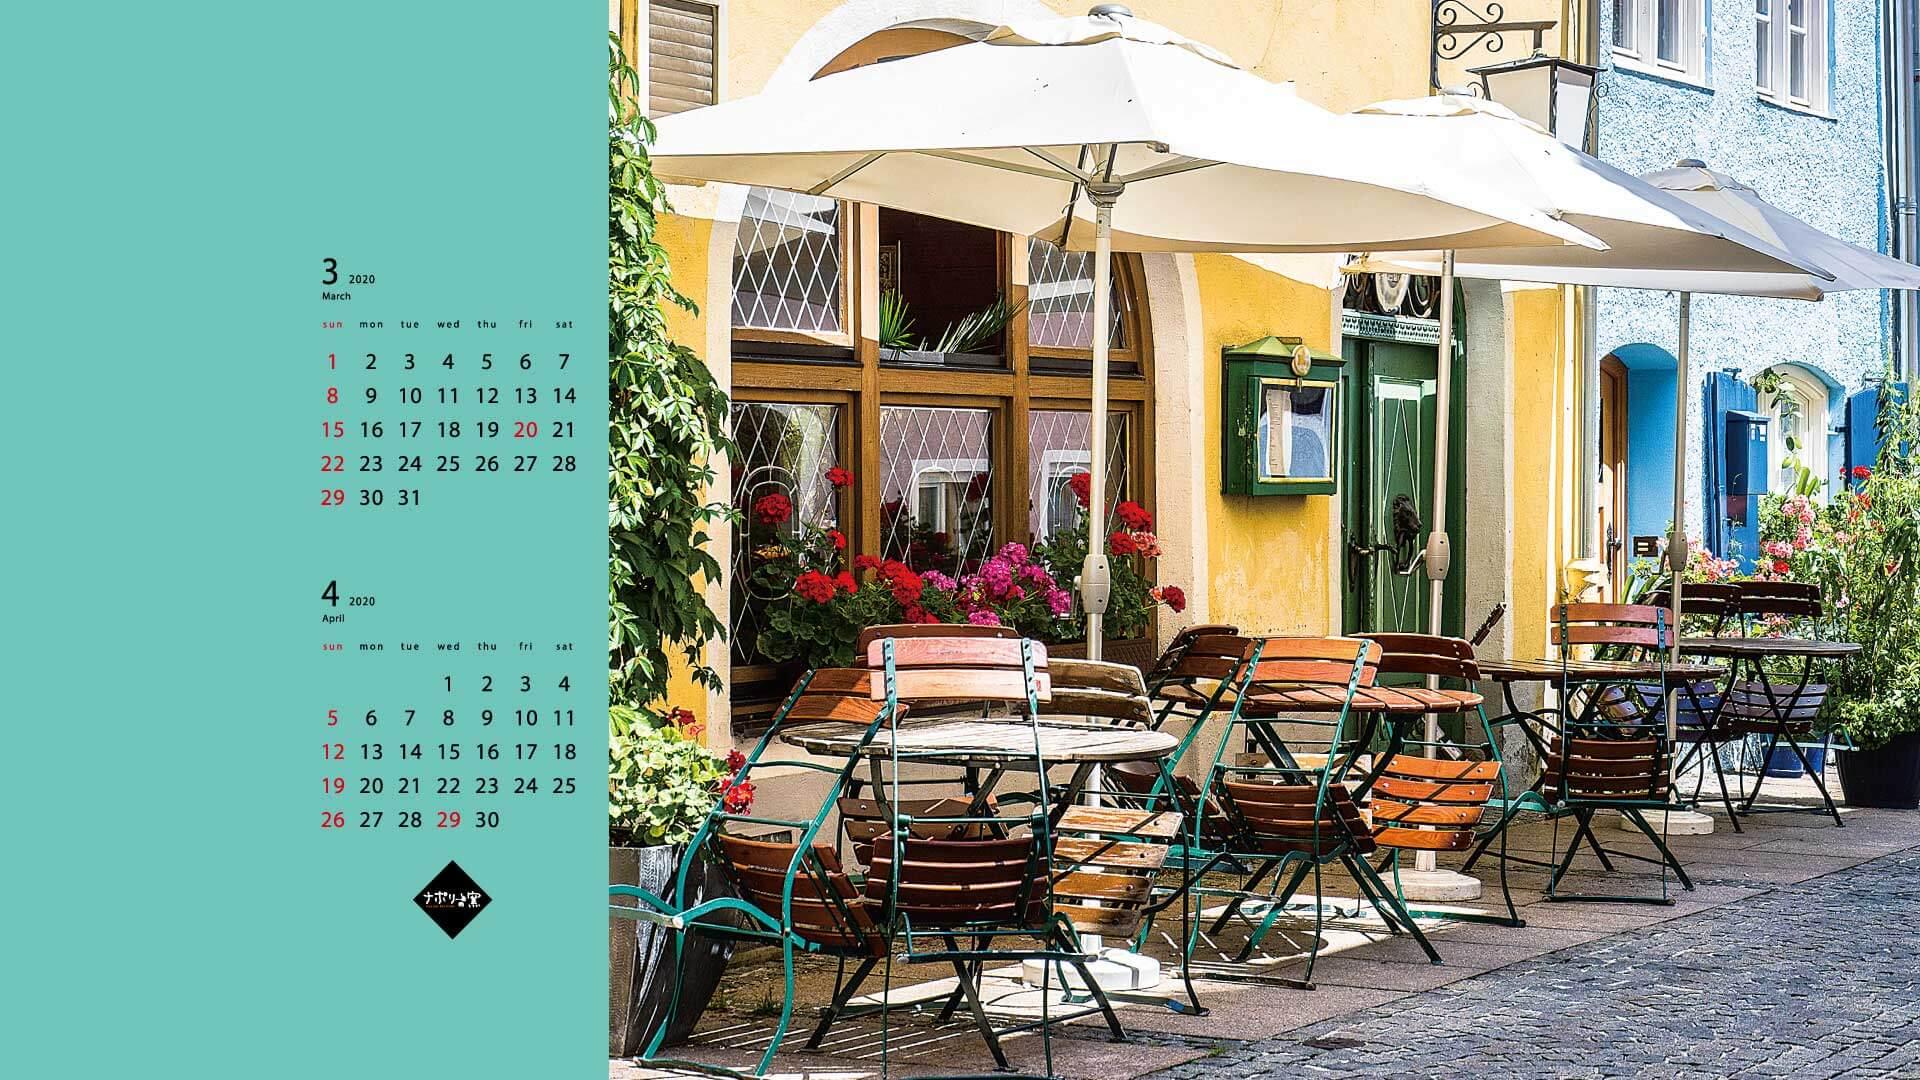 壁紙カレンダー 宅配ピザで本格ナポリピザを楽しめる ナポリの窯